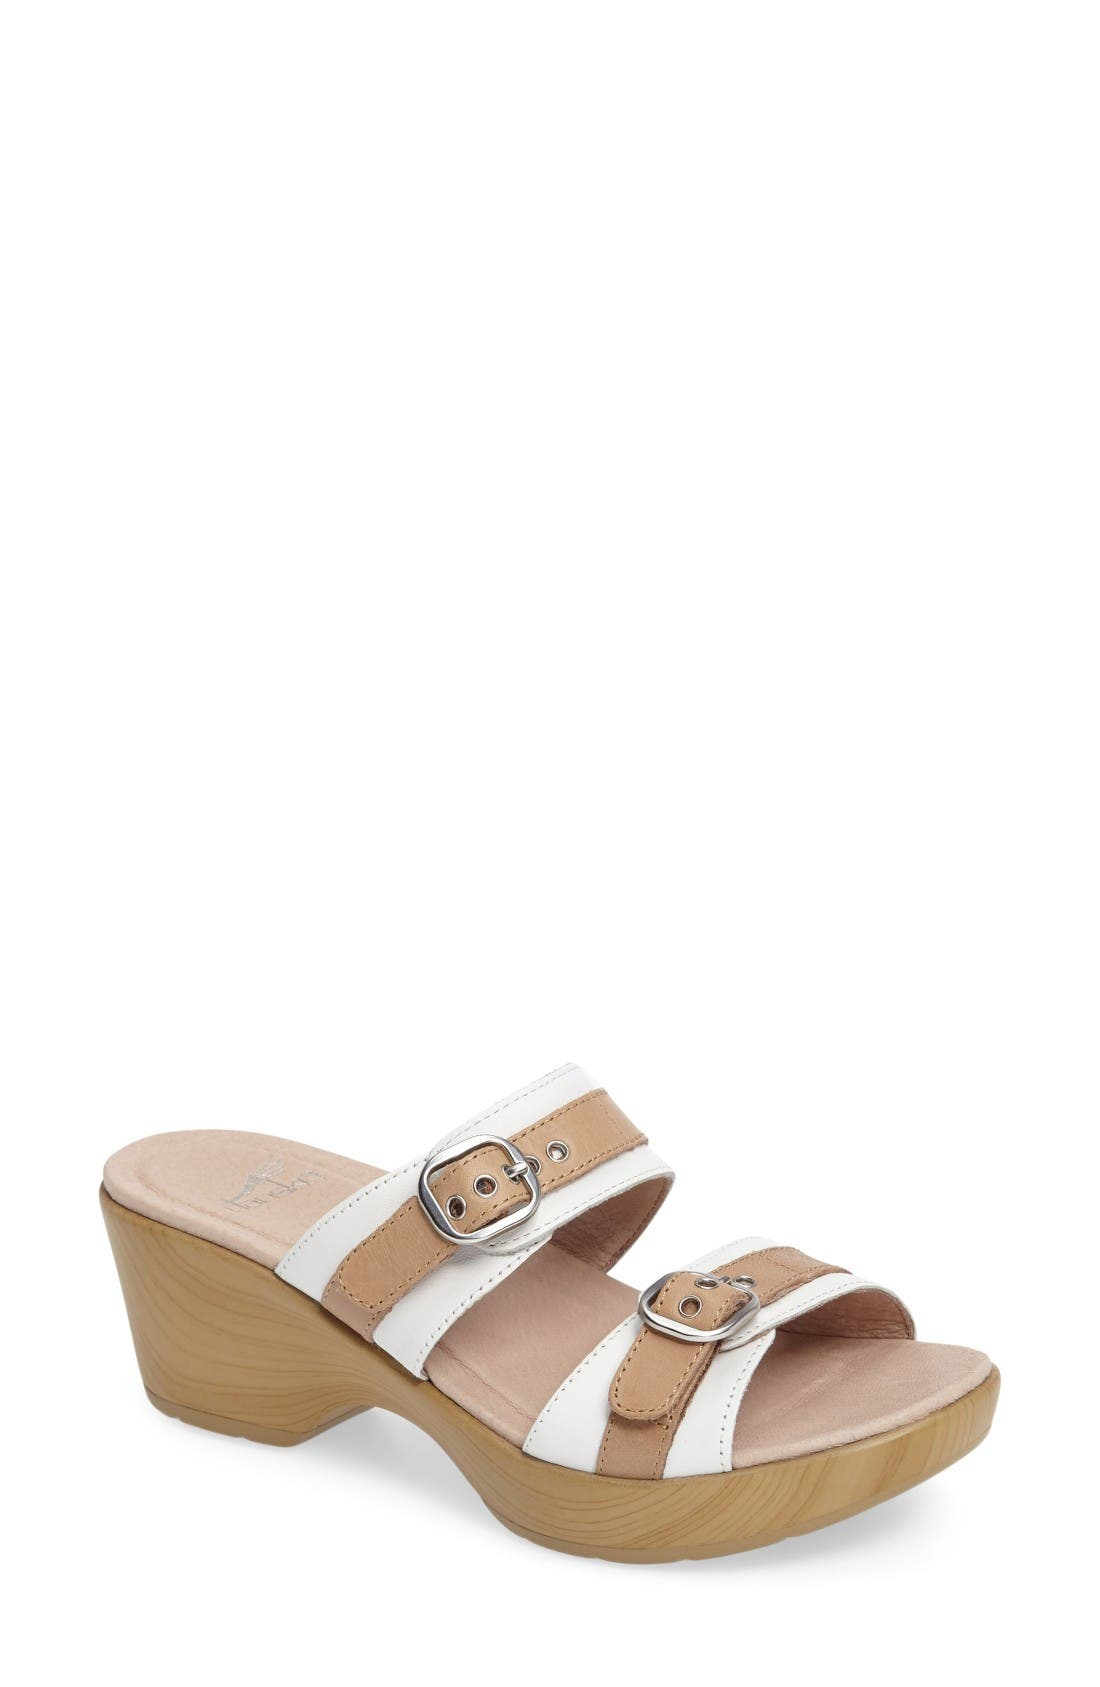 Dansko 'Jessie' Double Strap Sandal (Women)